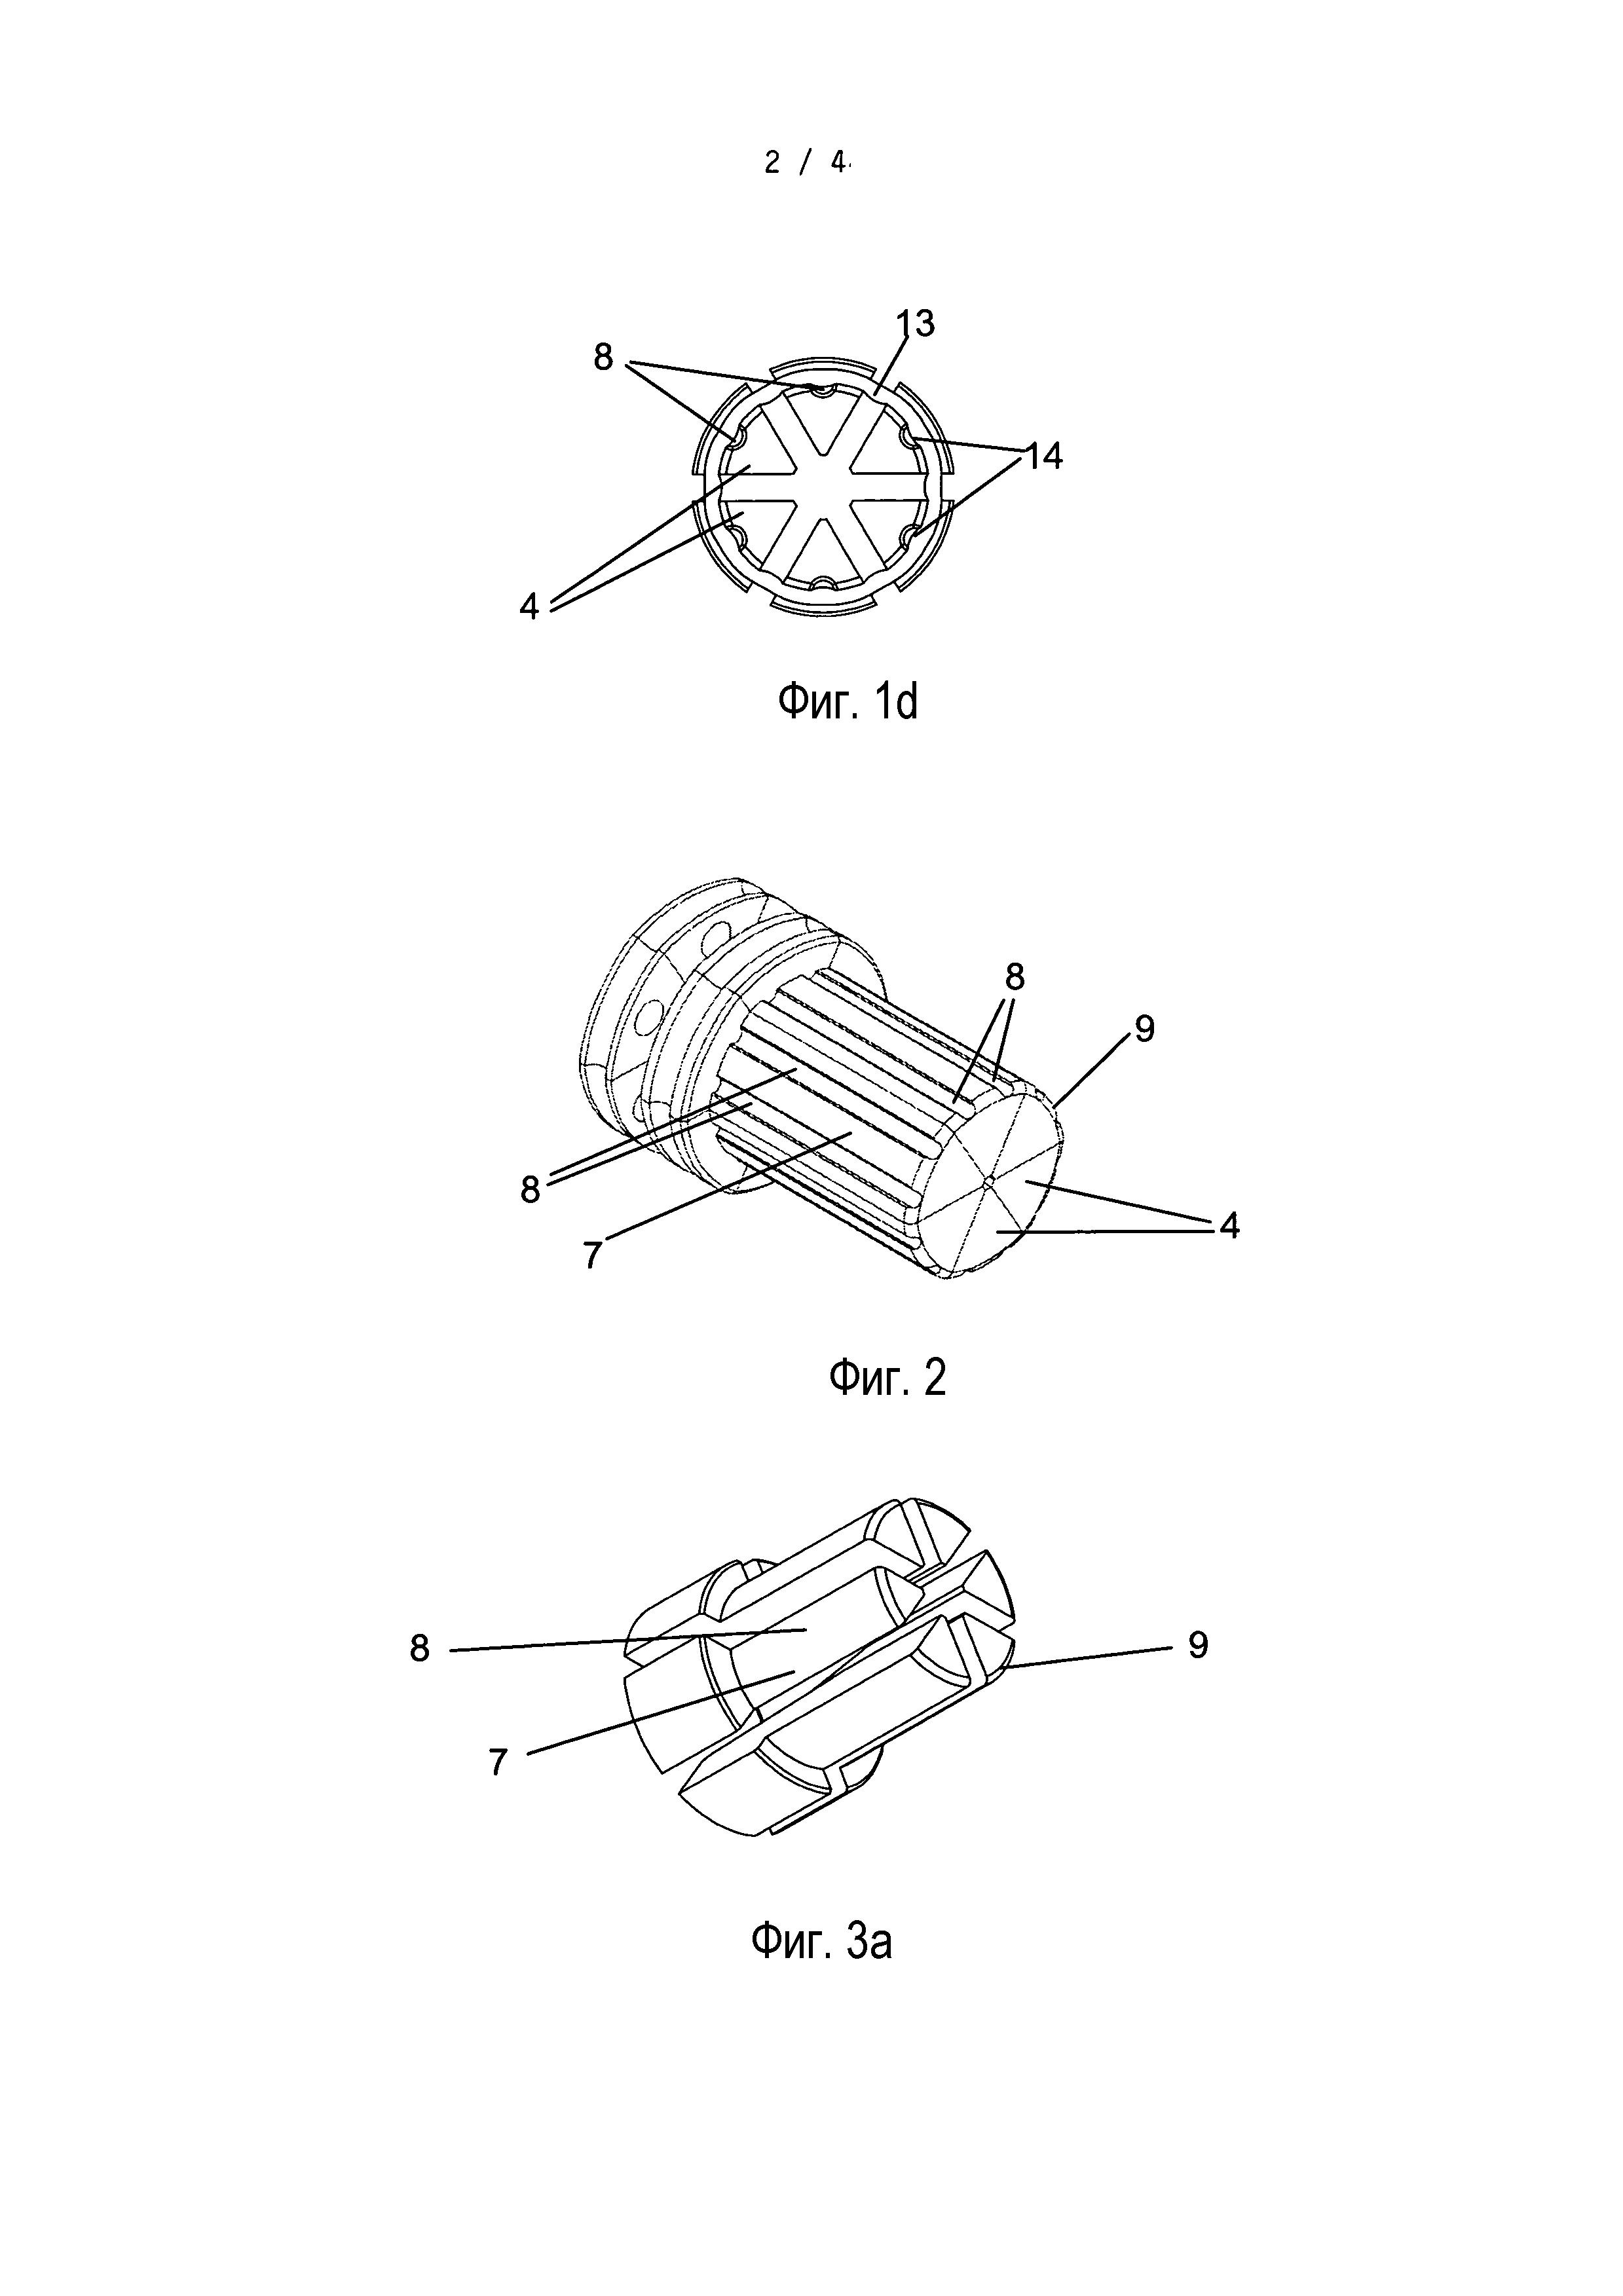 Раздвижная головка к инструментам для раздачи, содержащий ее раздвижной инструмент и их применение